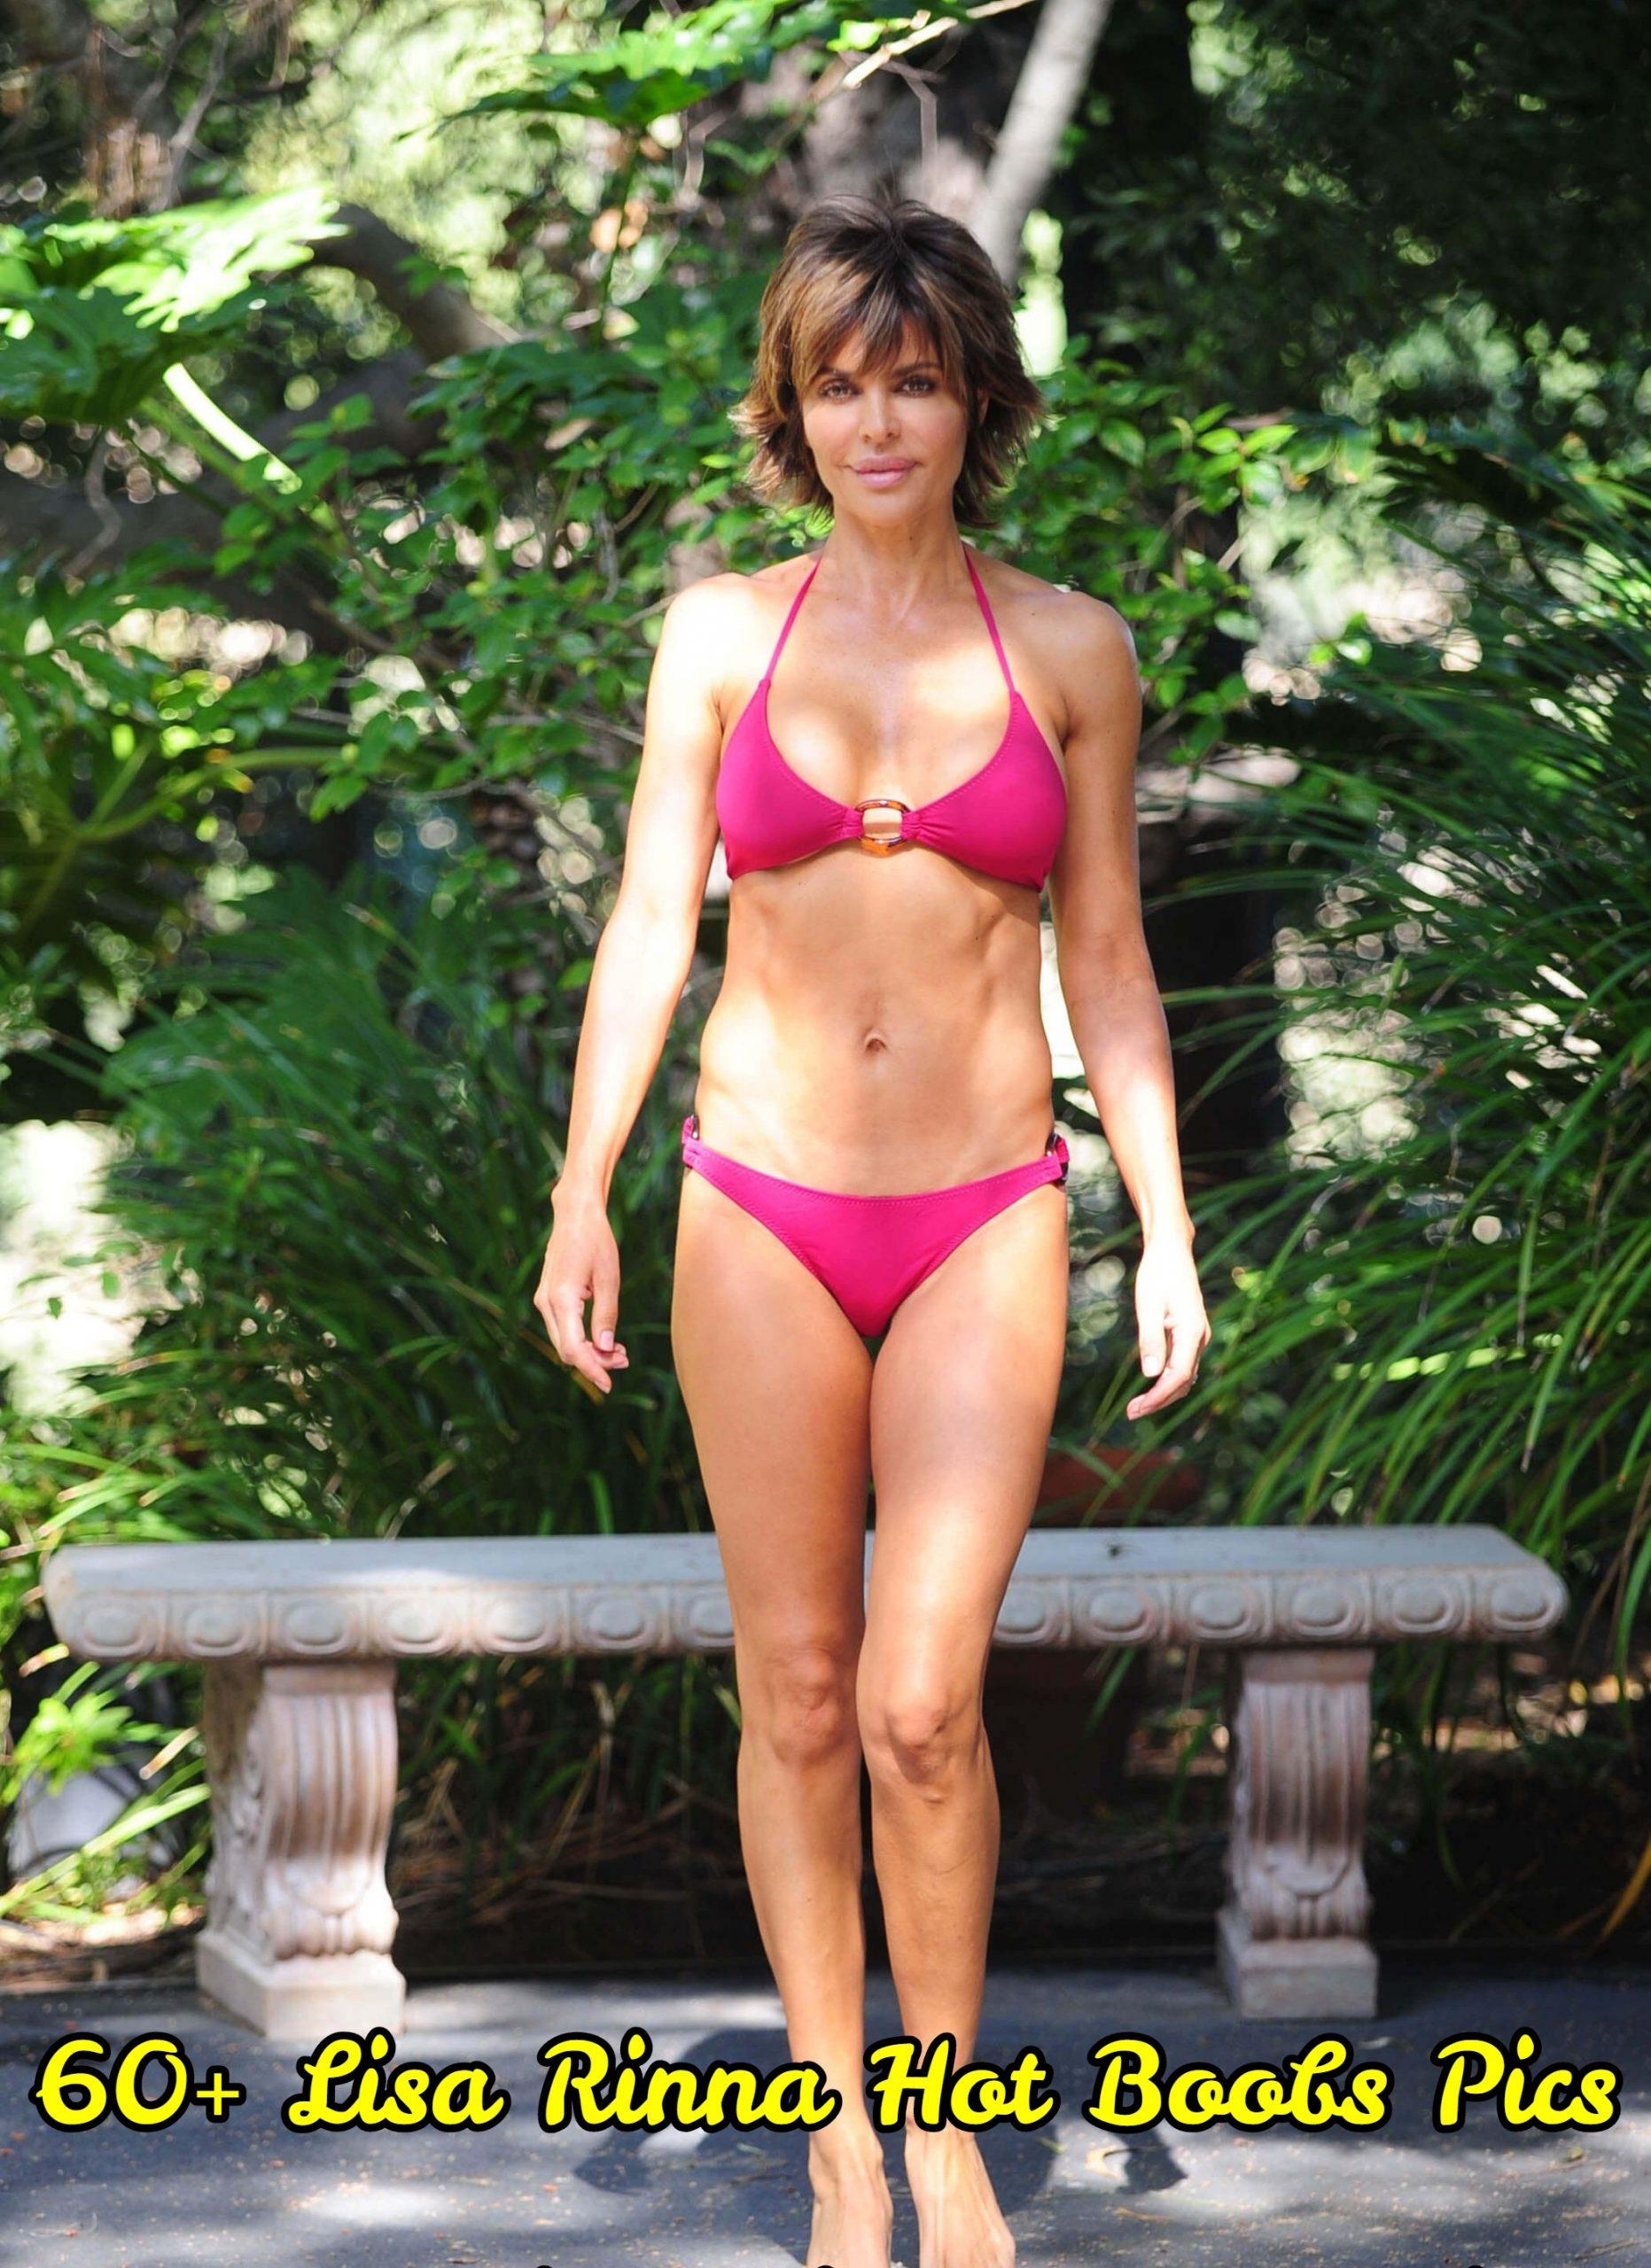 Lisa Rinna hot boobs pics (1)